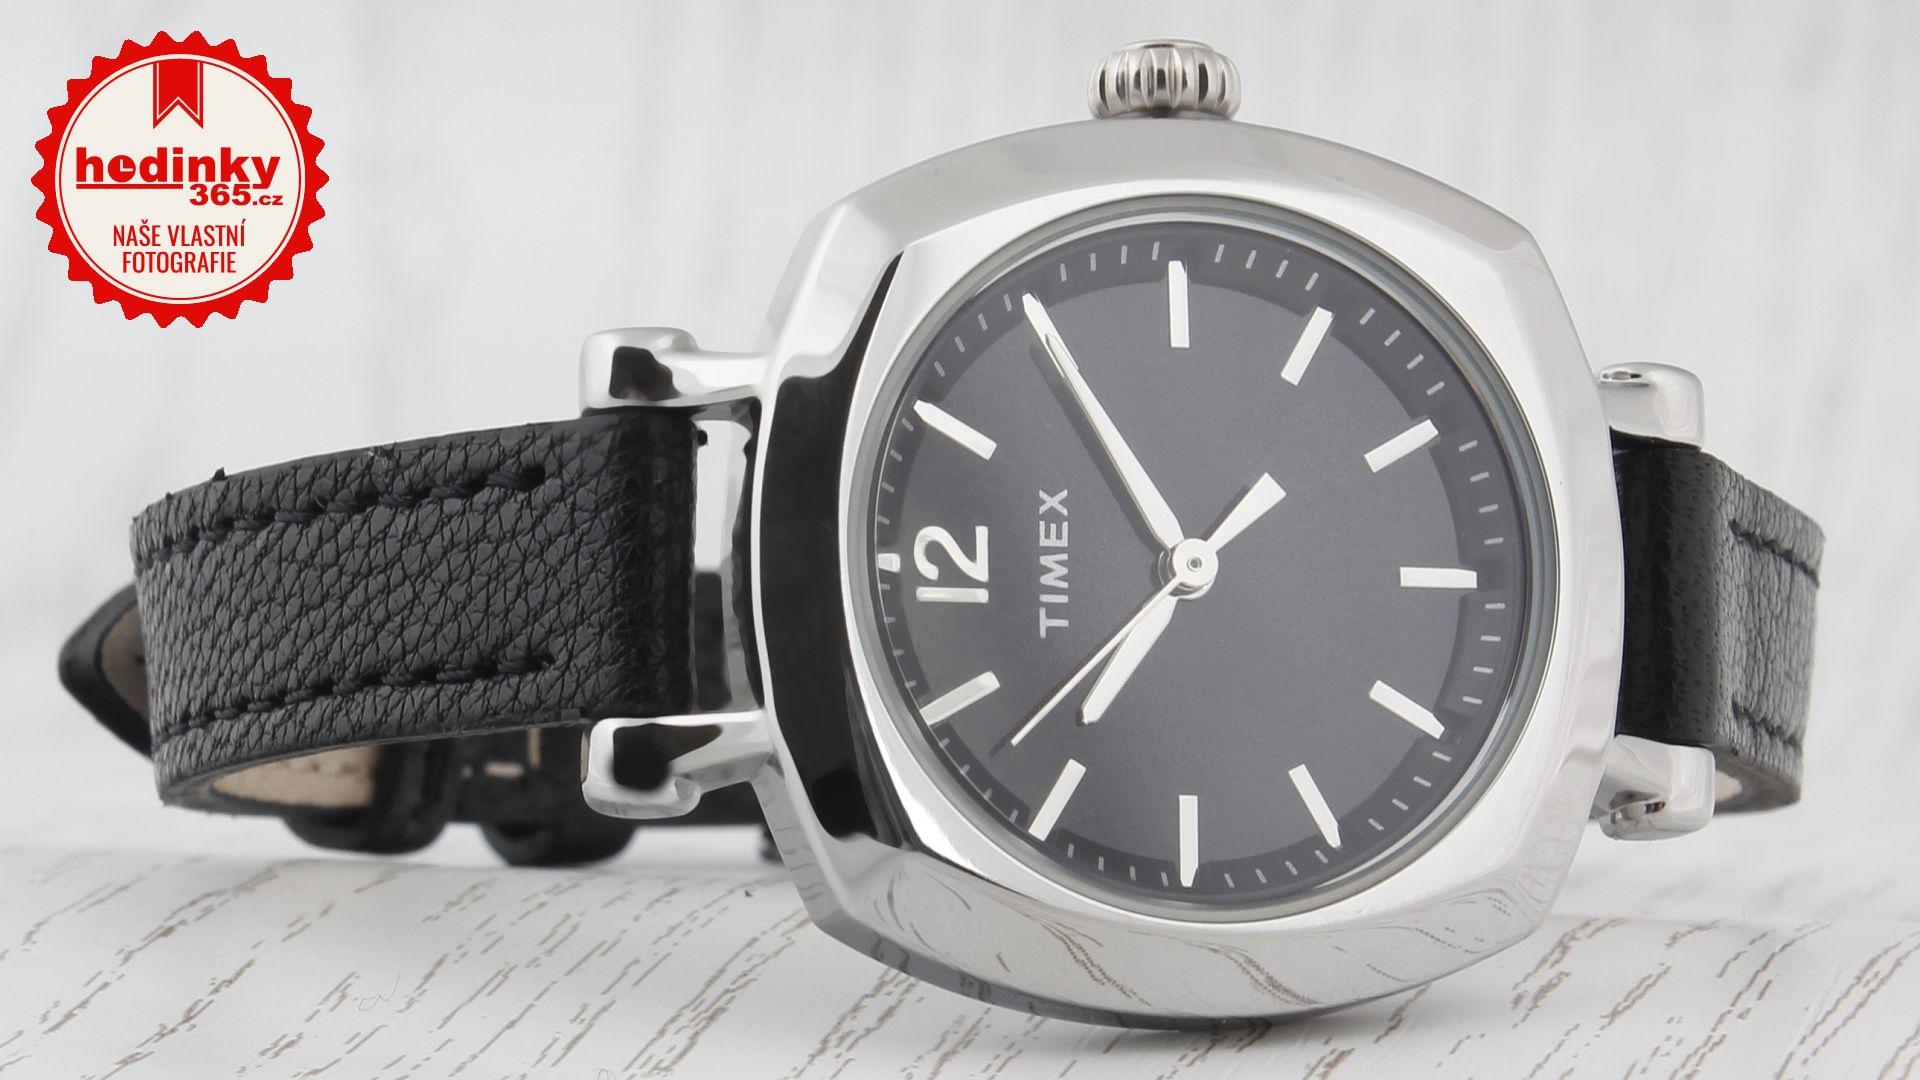 fdba1a23925 Dámské hodinky - kožený řemínek